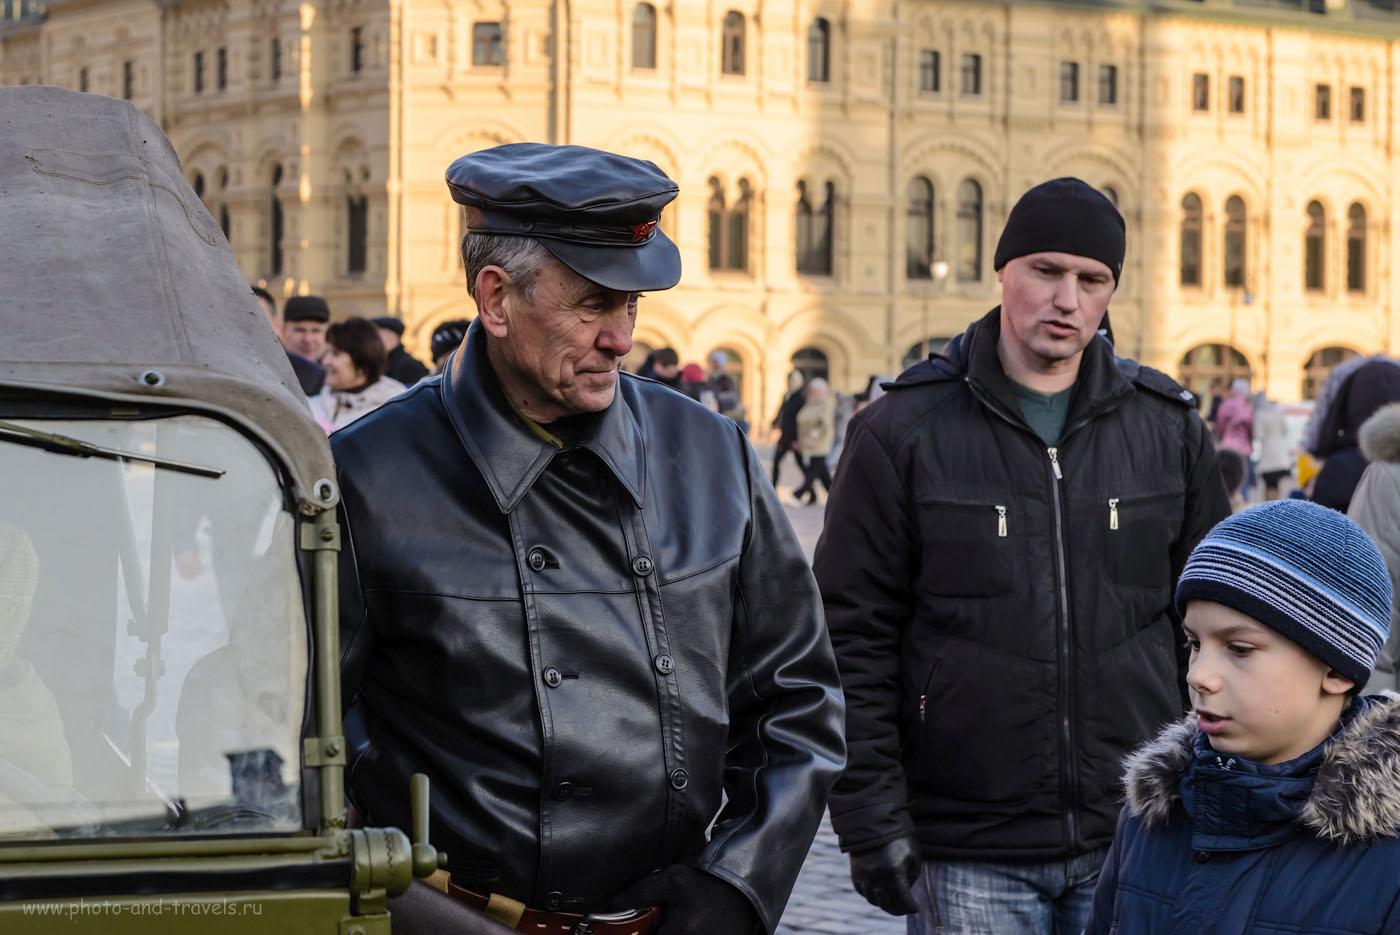 28. Участник костюмированного шествия на Красной площади. 1/400, -0.67, 8.0, 640, 70.